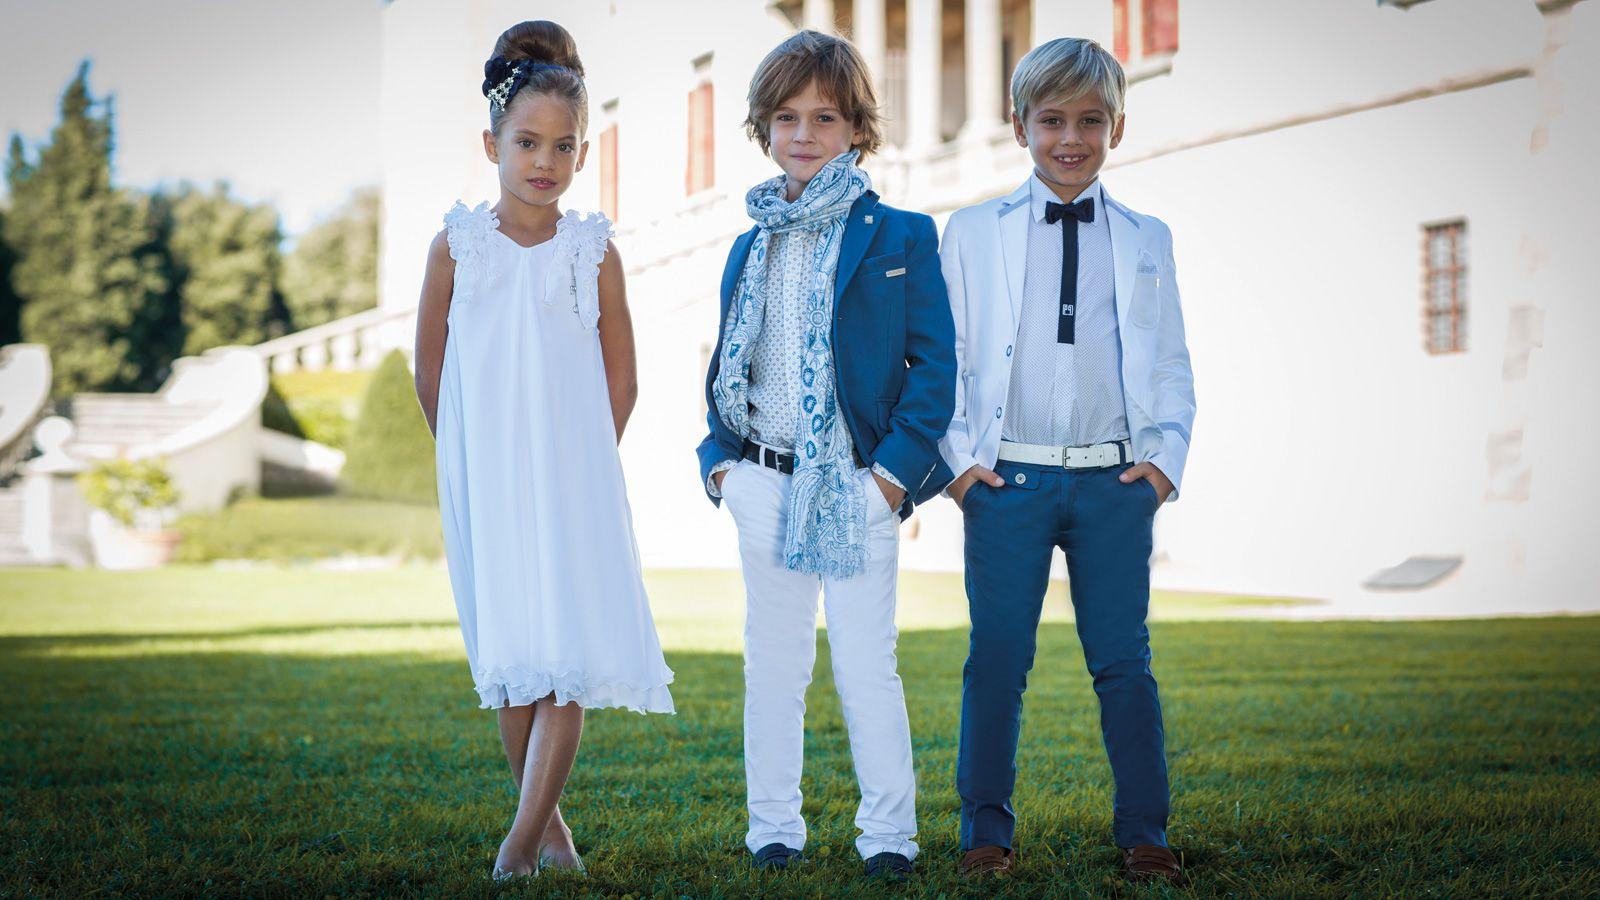 Vestiti Eleganti Junior.Abiti Da Sposo Abiti Da Sposa Women Fashion Ruffle Blouse